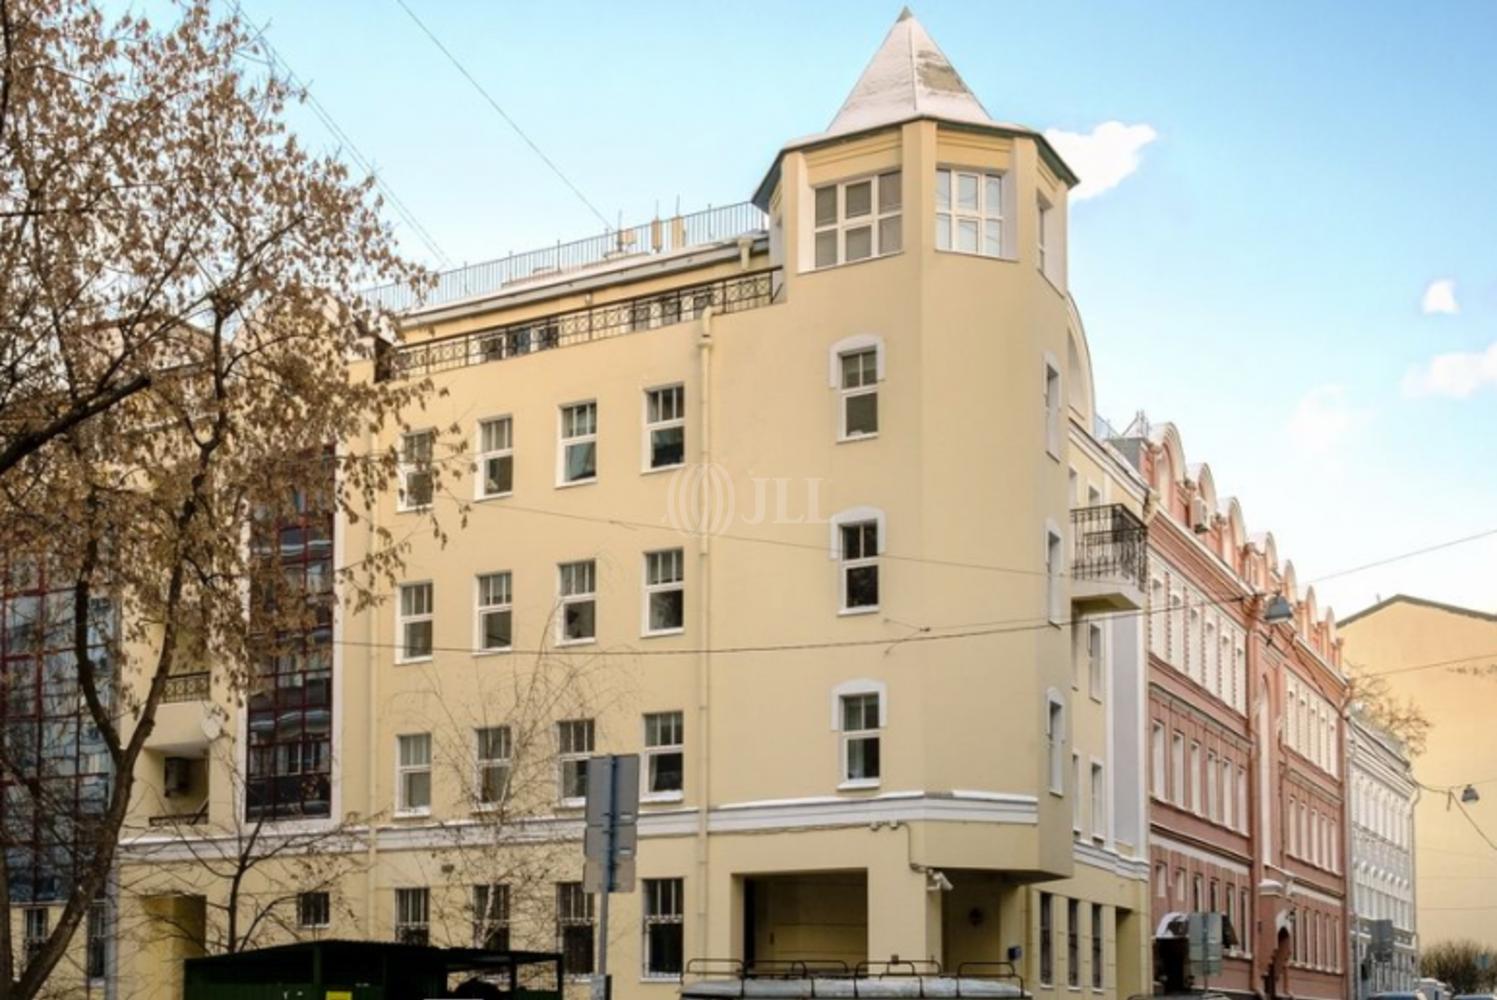 Офисная недвижимость Москва - Сретенка Комплекс (1)